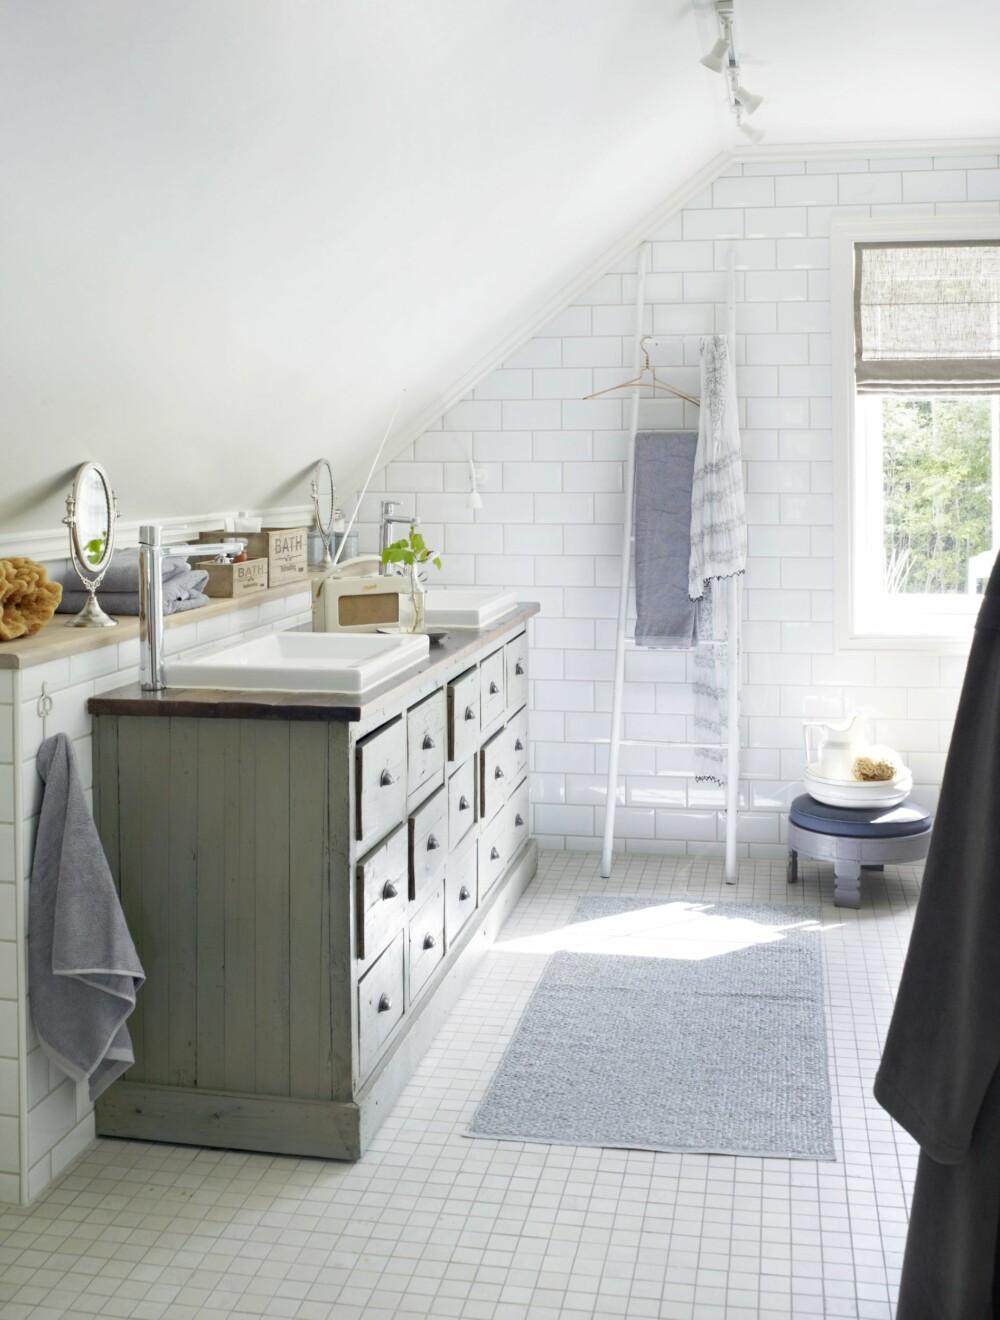 Fremhev gulvet ved å sette kontrasterende materialer mot det. Kjøpmannsdisken er fra Home & Cottage, platen er lakket med åtte strøk, slik at den tåler vannsøl. Vaskene er fra Duravit, og stigen er fra Ha det på badet. Plastmatte fra Palma, krakk fra HK Living. Badekaret er rammet inn med klassiske metrofliser fra Flisekompaniet, gulvflisene er fra Megaflis.